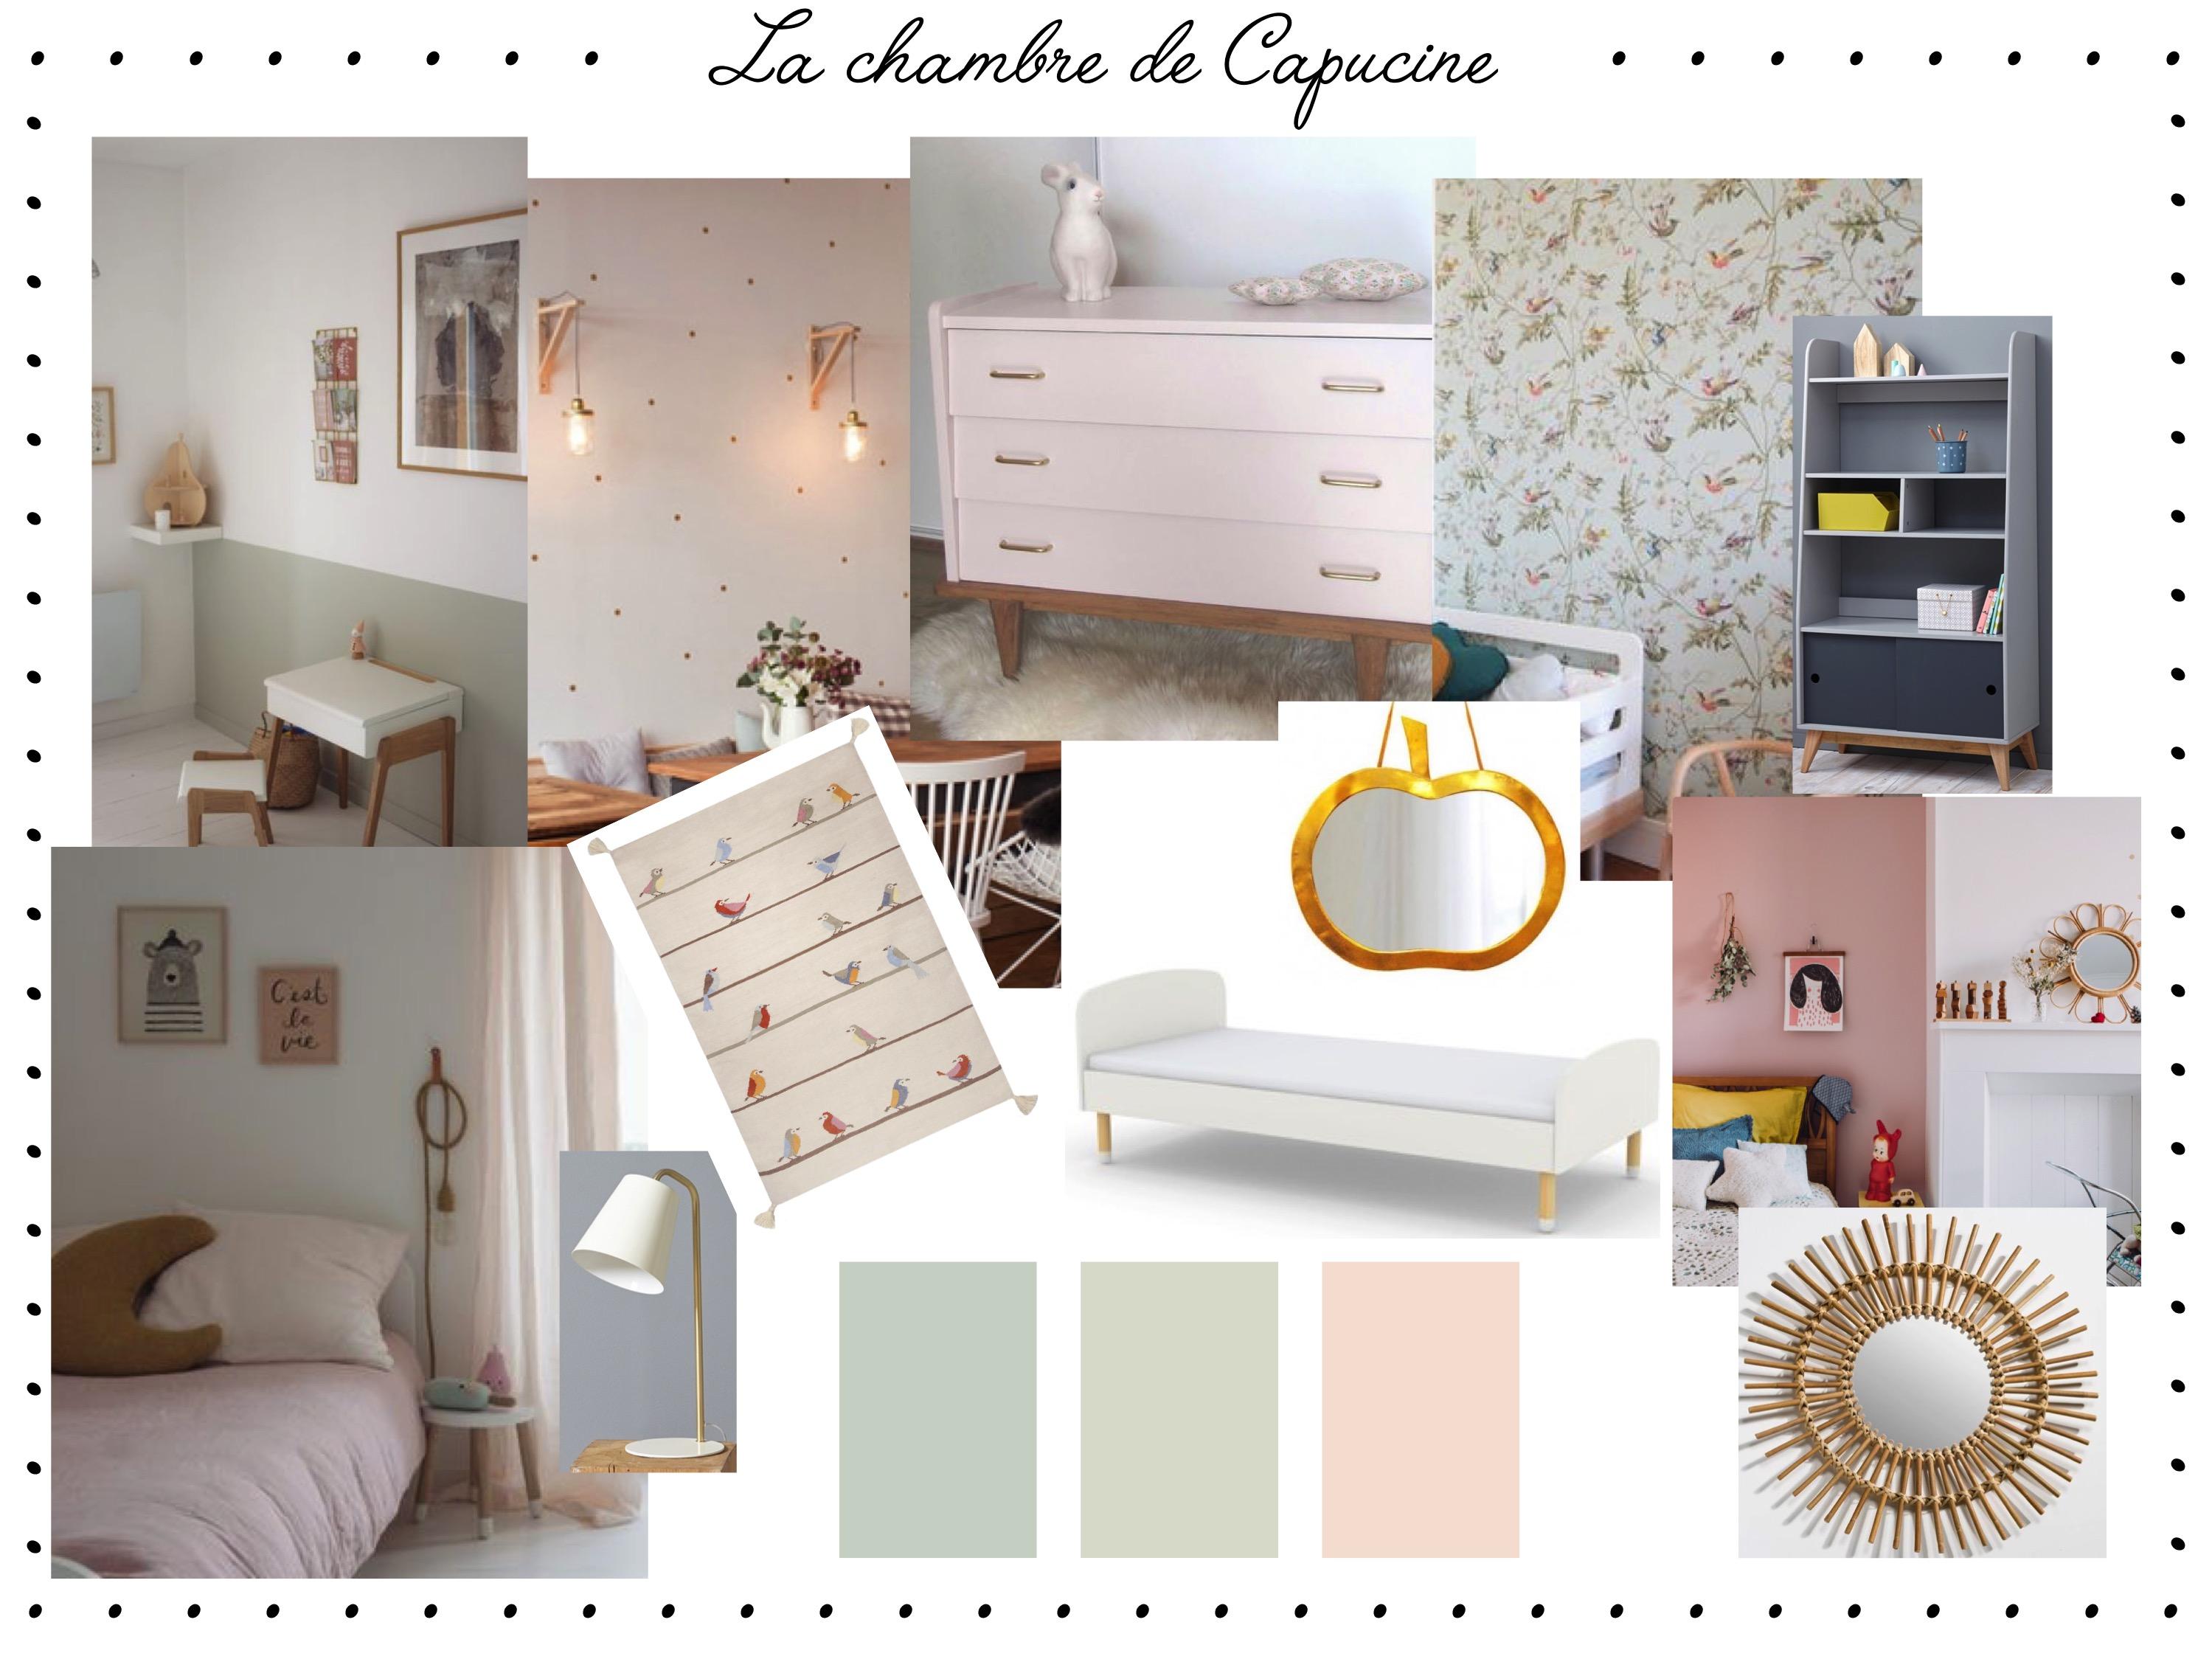 Des inspirations pour la chambre de capucine un joli monde - Changer sa chambre ...